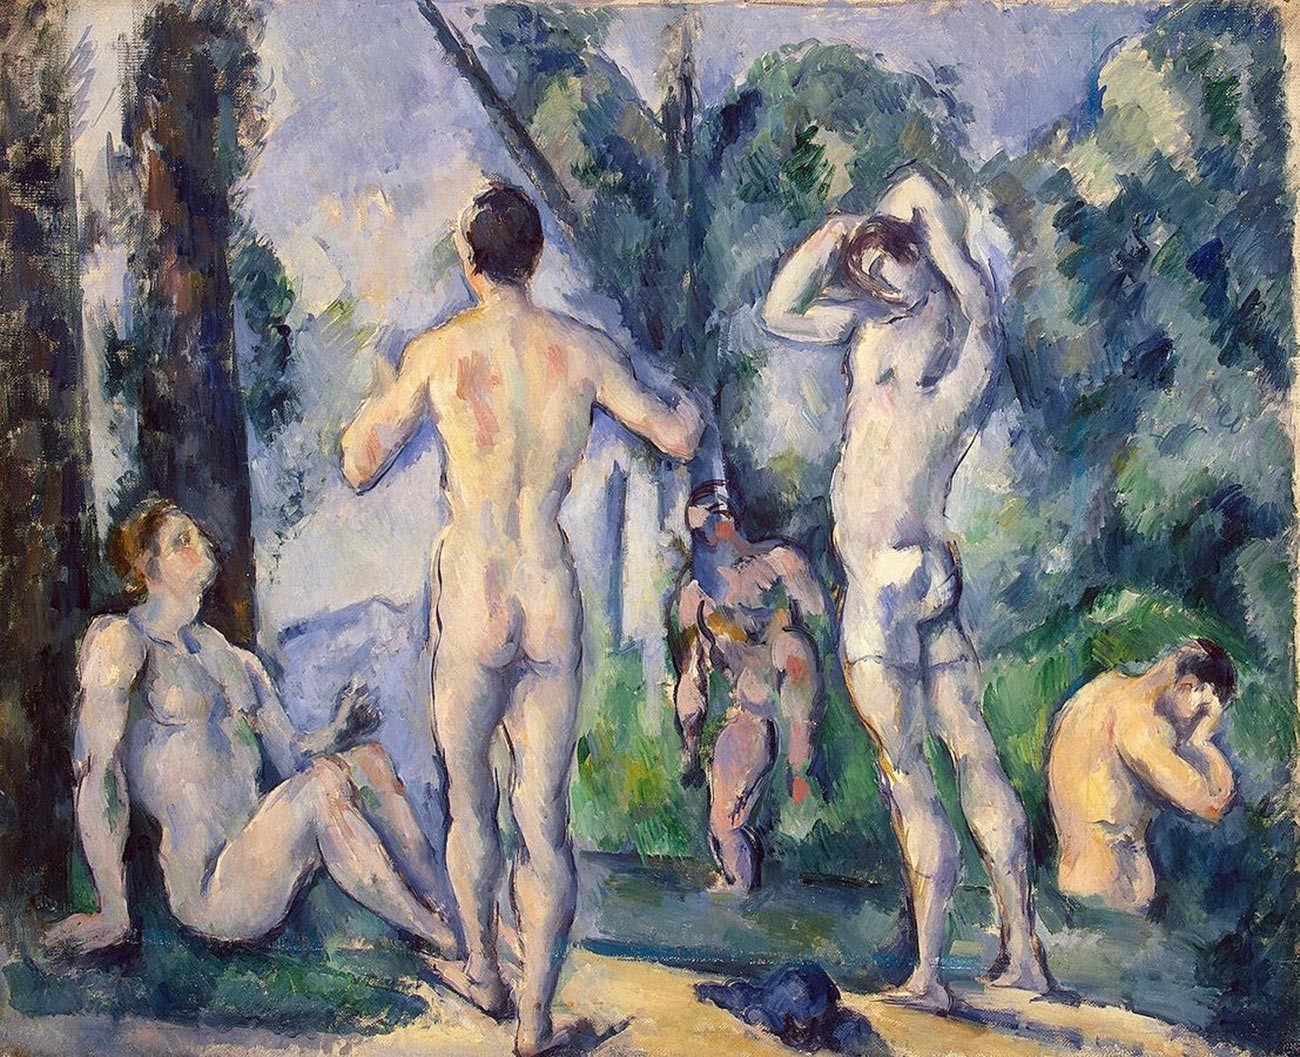 Baigneuses von Paul Cézanne